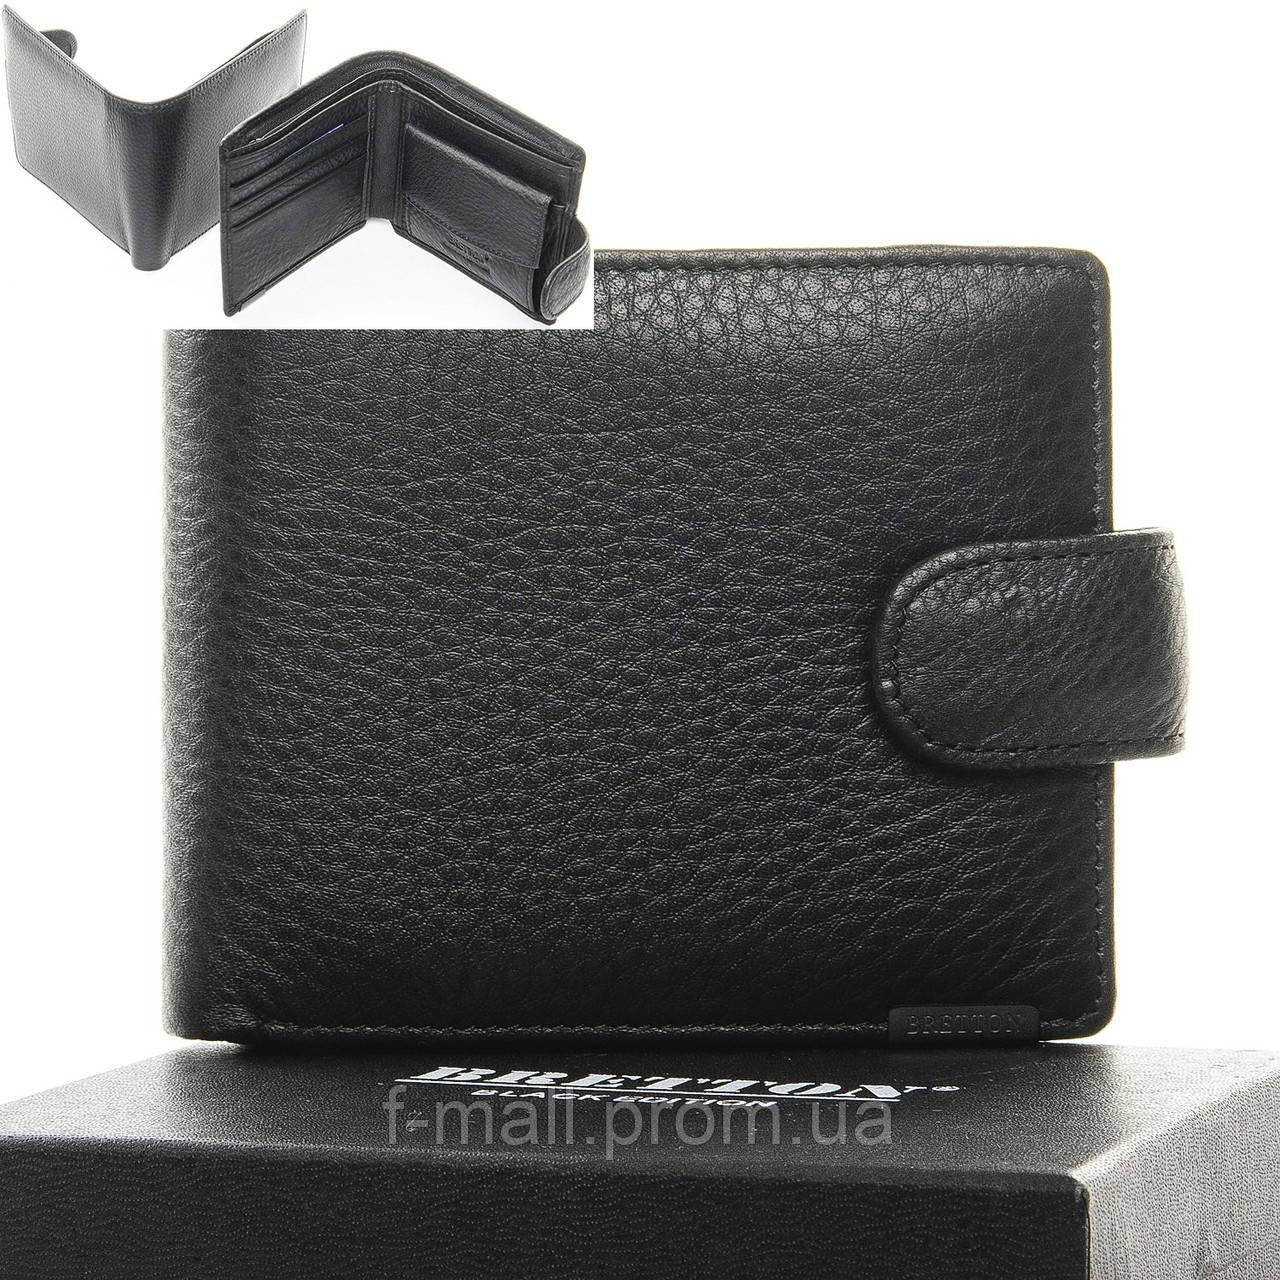 Кошелек мужской кожаный BRETTON черный (05-113)